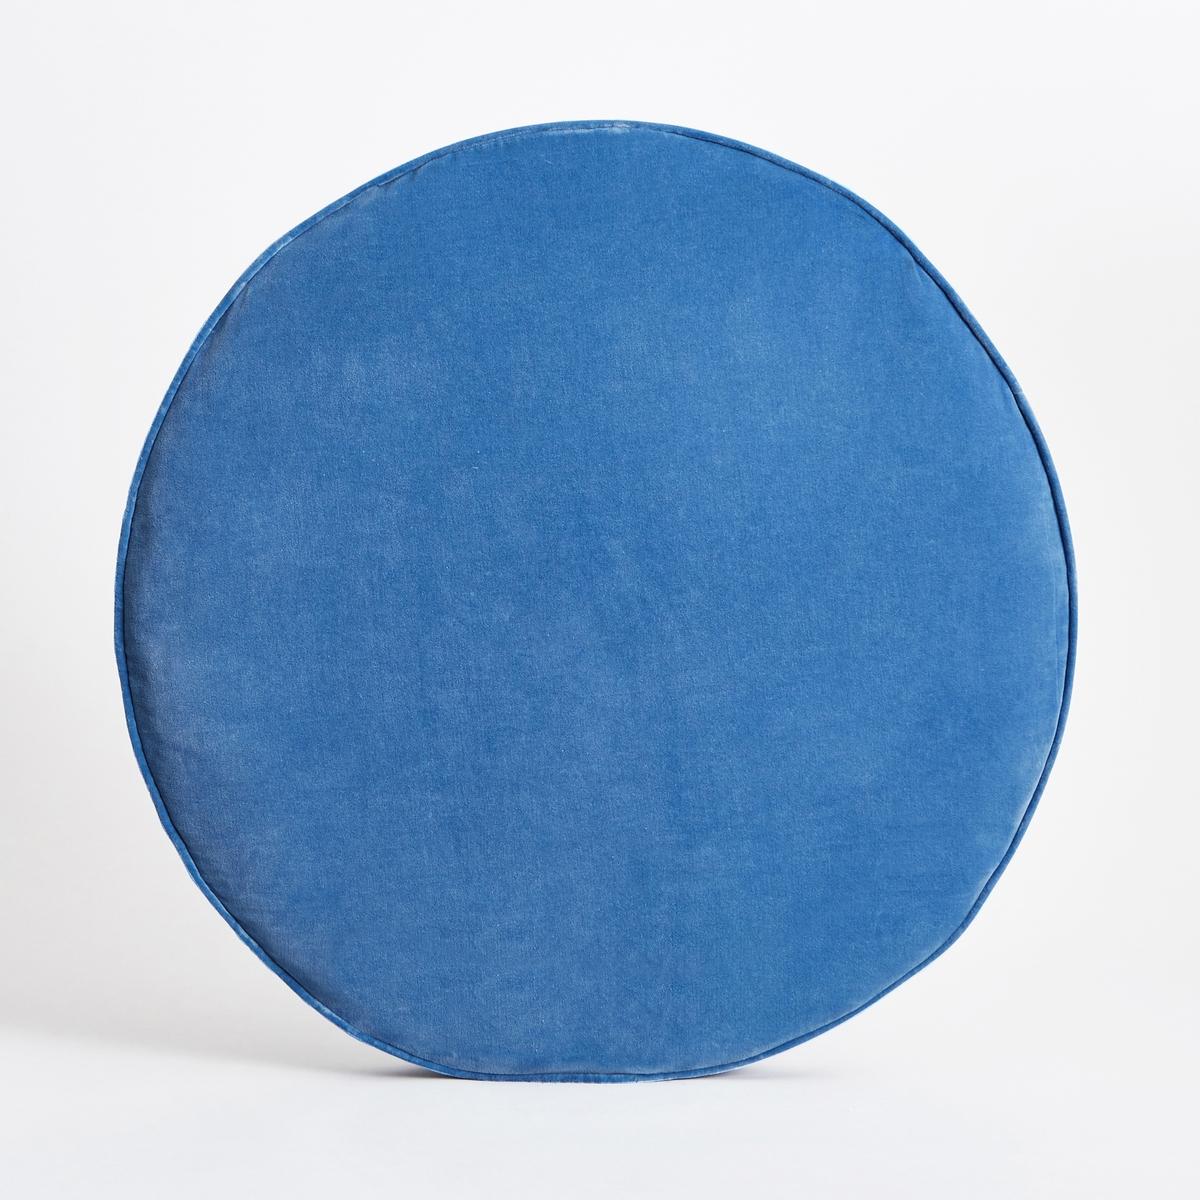 Подушка напольная SindacoХарактеристики : - Покрытие из 100% хлопкового велюра- Наполнитель из полиэфирного пеноматериала и волокон полиэстера- Съёмный чехол, стирка при 40°CРазмеры : - ?75 x В8 см.<br><br>Цвет: розовый,синий